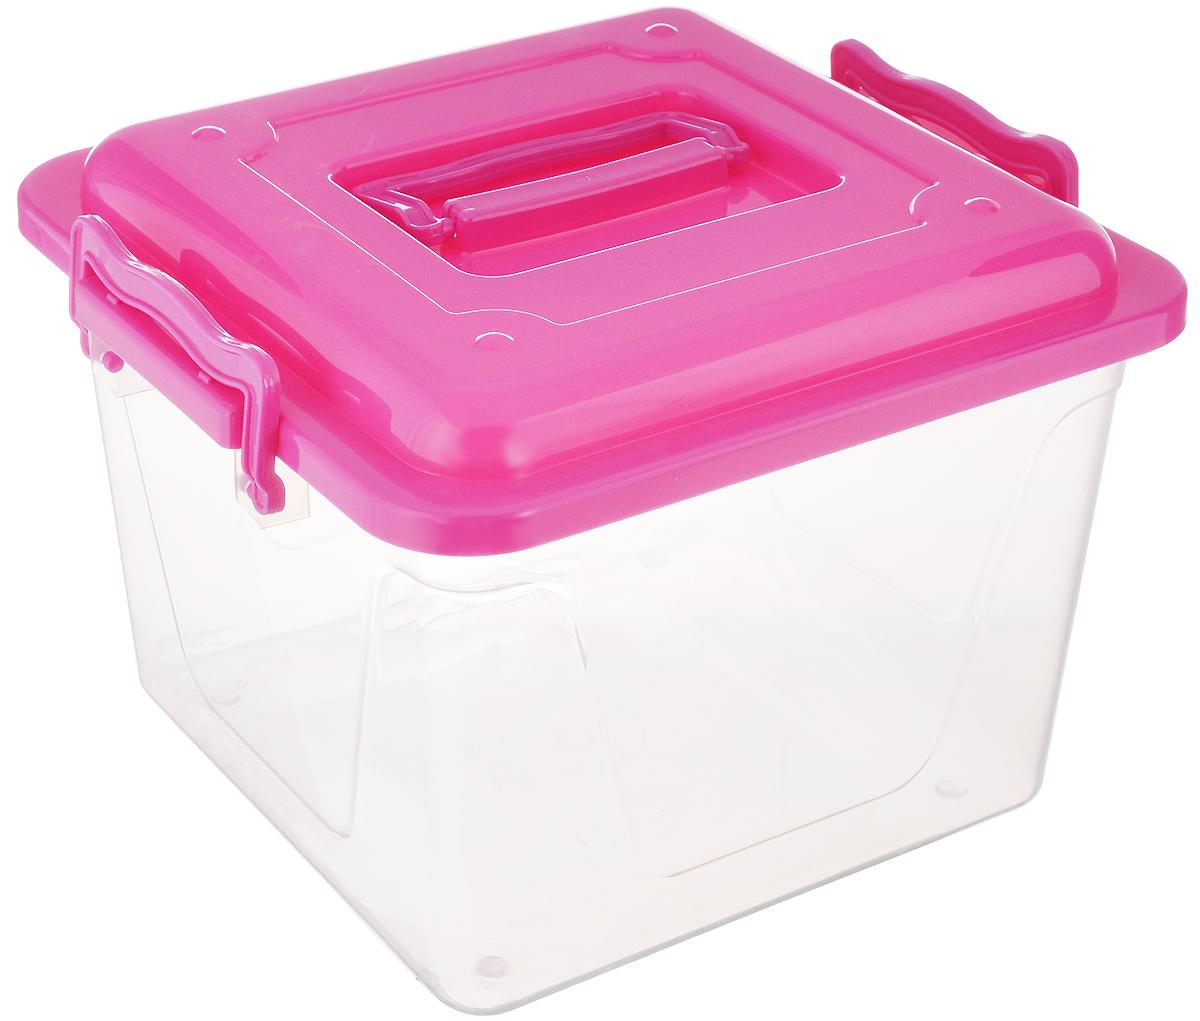 Контейнер Альтернатива, цвет: прозрачный, малиновый, 8,5 лМ1032_малиновыйКонтейнер Альтернатива прекрасно подойдет для хранения небольших игрушек, инструментов, швейных принадлежностей и многого другого. Он изготовлен из высококачественного пластика. Контейнер плотно закрывается крышкой с двумя защелками. Удобный и легкий контейнер позволит вам хранить вещи в полном порядке, а благодаря современному дизайну он впишется в любой интерьер. Контейнер имеет компактные размеры, поэтому не занимает много места. Размер (с учетом крышки): 26 х 27 х 20,5 см.